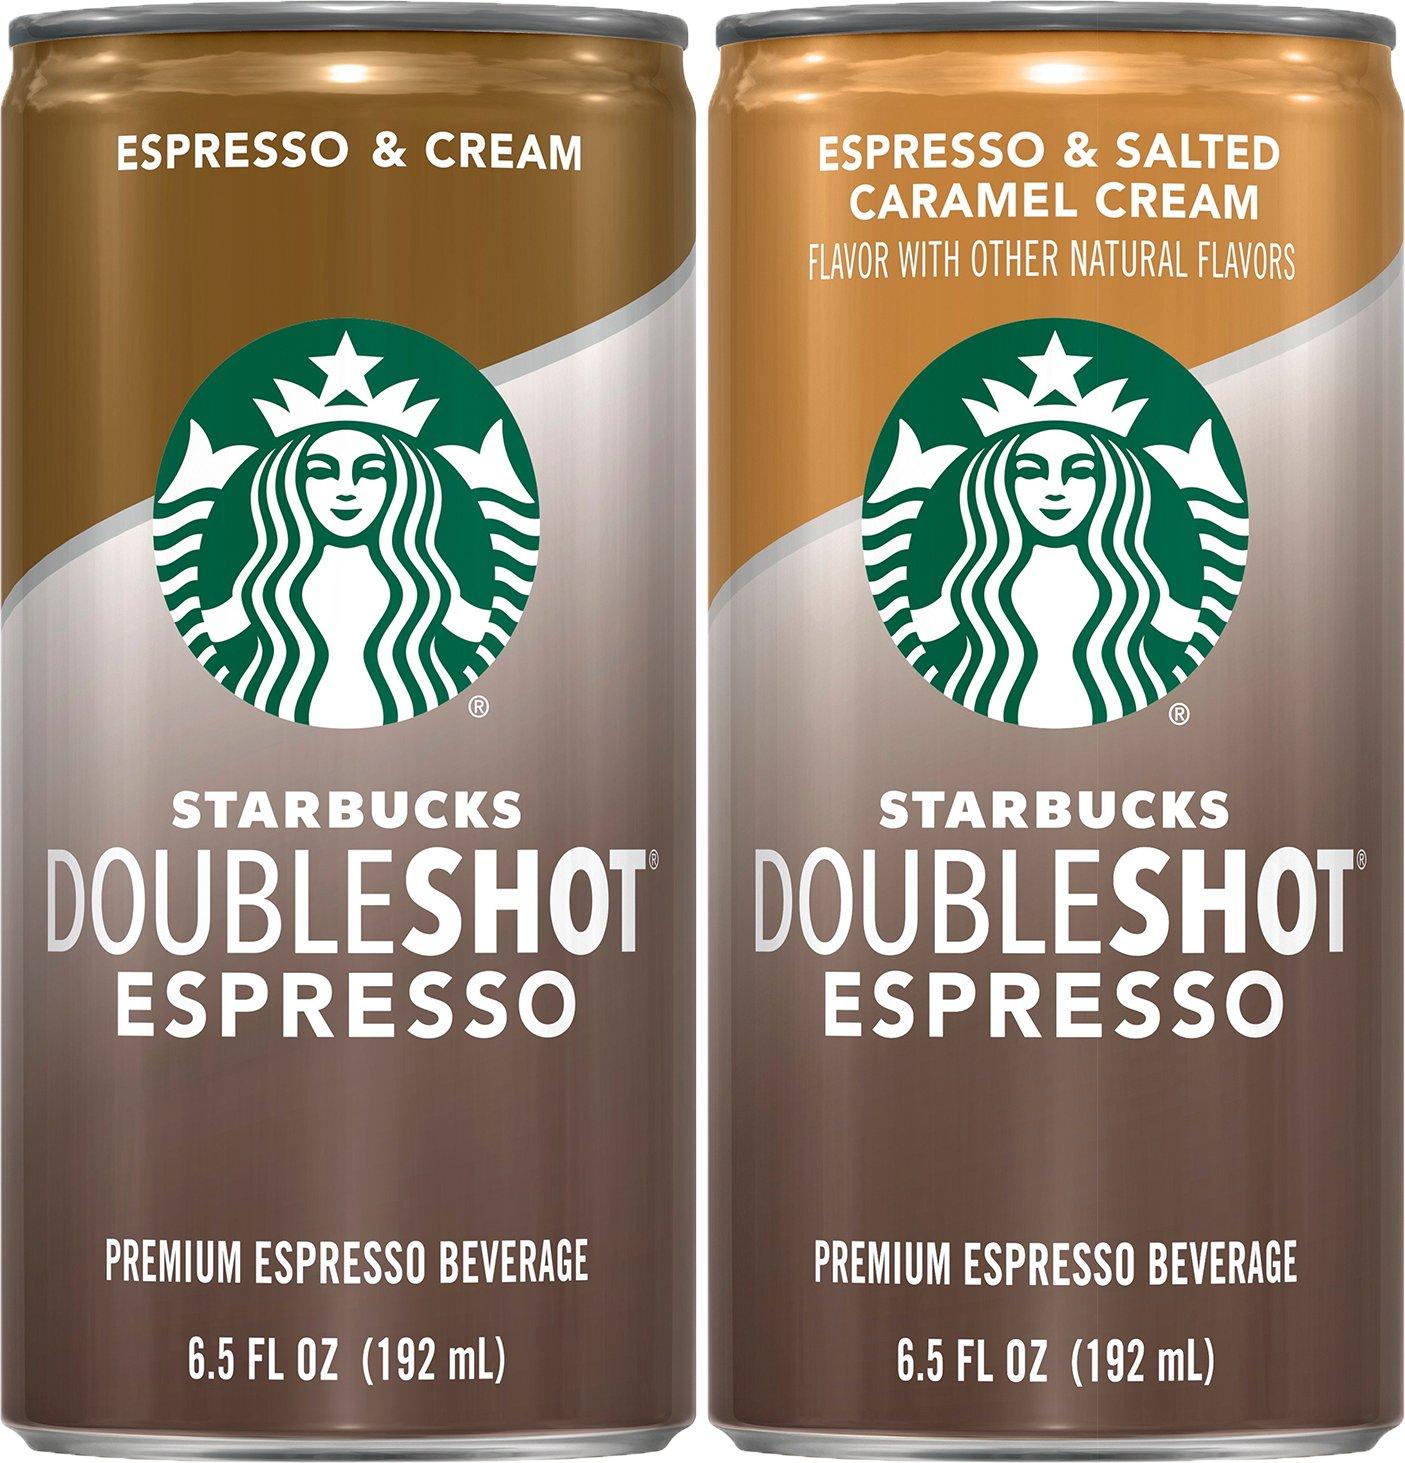 Starbucks, Doubleshot Espresso Beverage, Variety Pack (Espresso & Cream/Espresso/Salted Caramel Cream), 6.5 fl oz. cans (12 Pack)